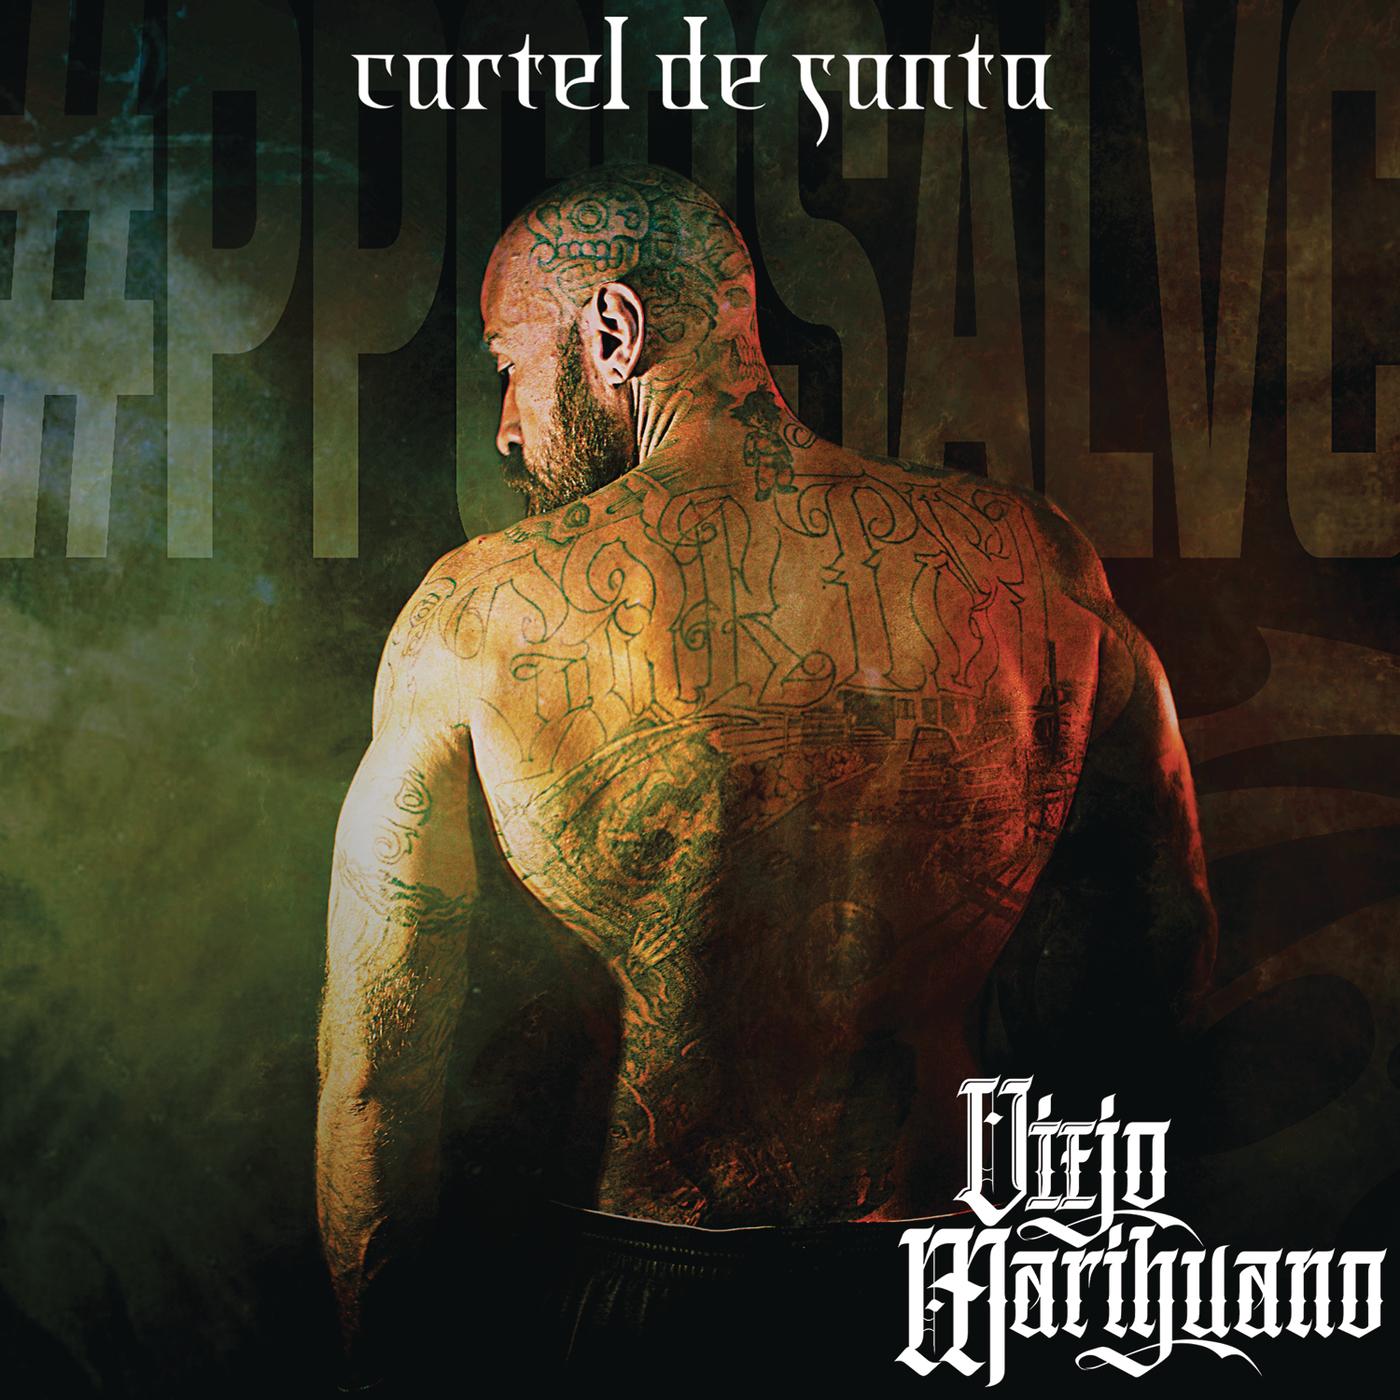 Cartel De Santa - Viejo Marihuano